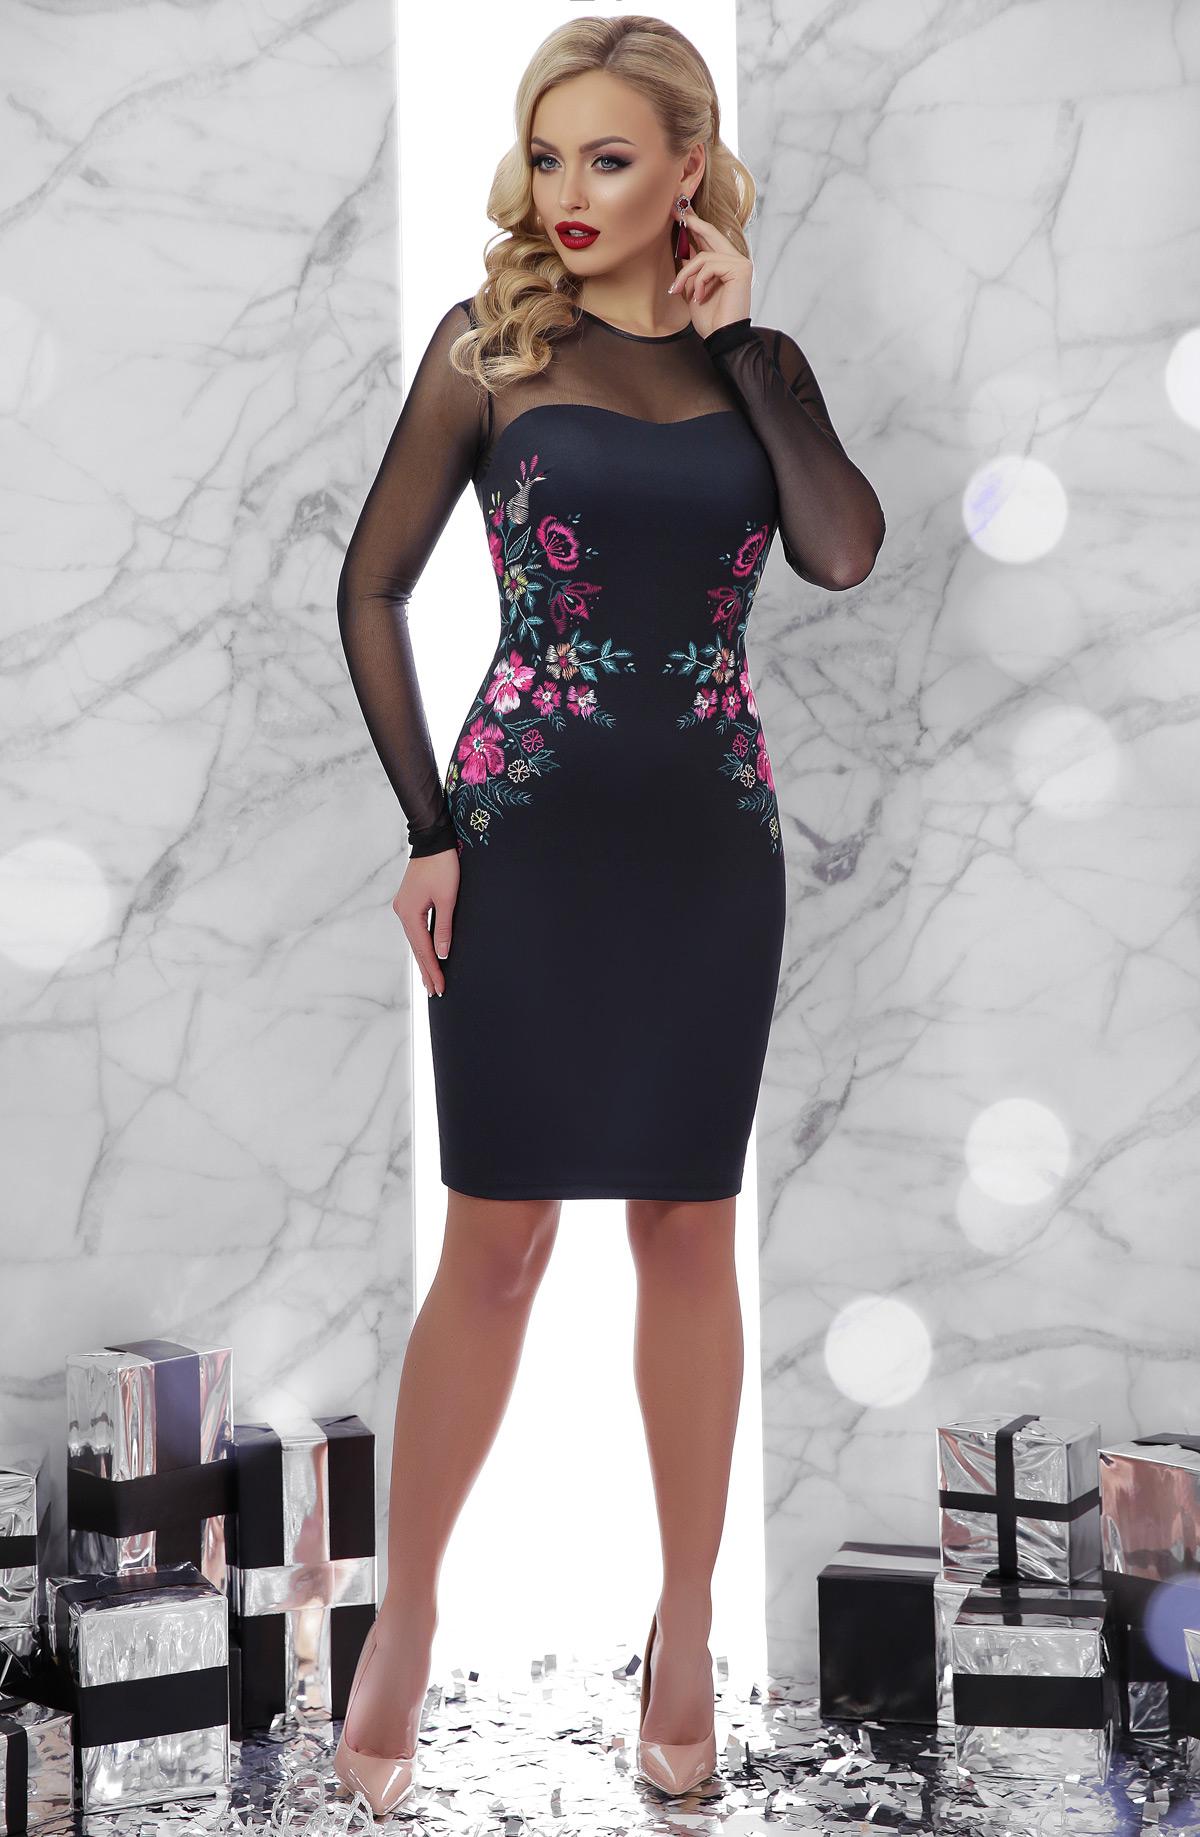 58027efb433 Черное платье с рукавами из сетки. Вышивка платье Донна2 д р. Цвет